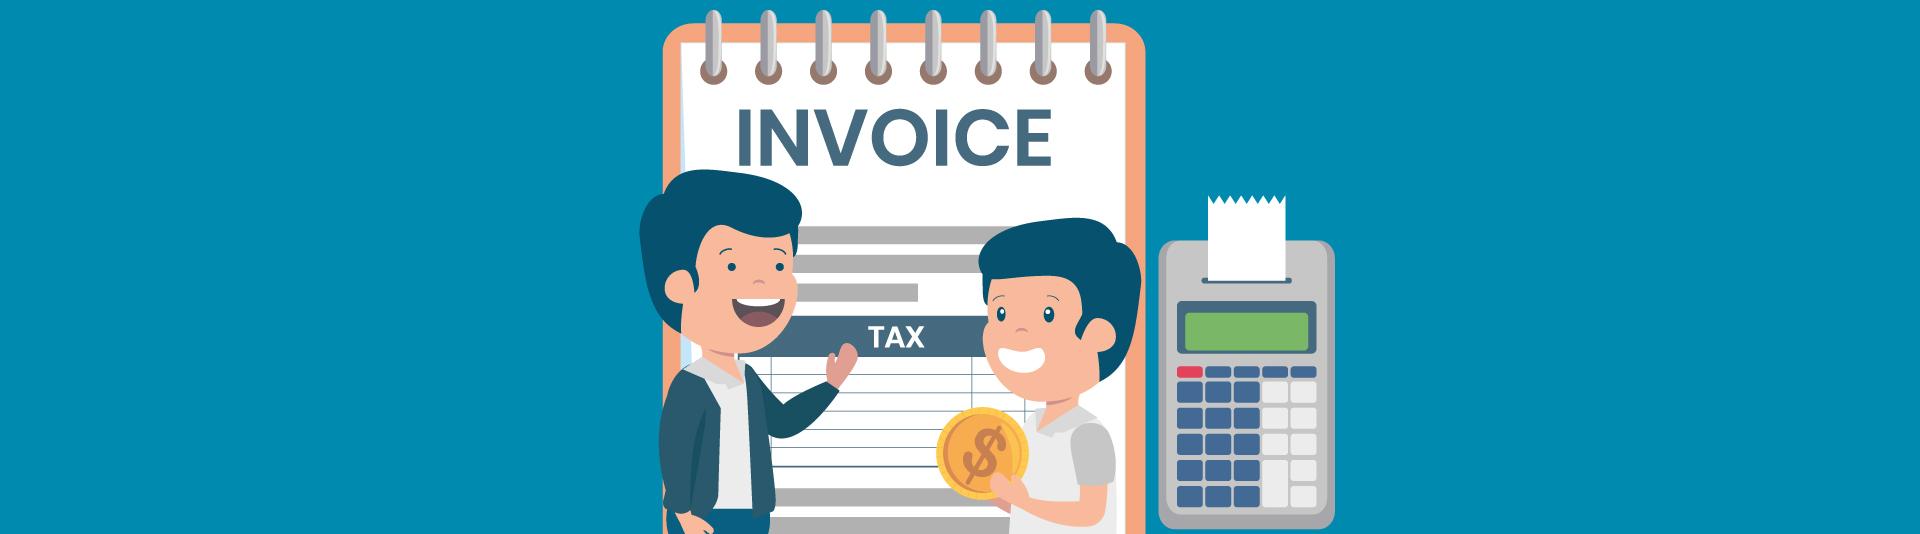 Create a Tax Invoice